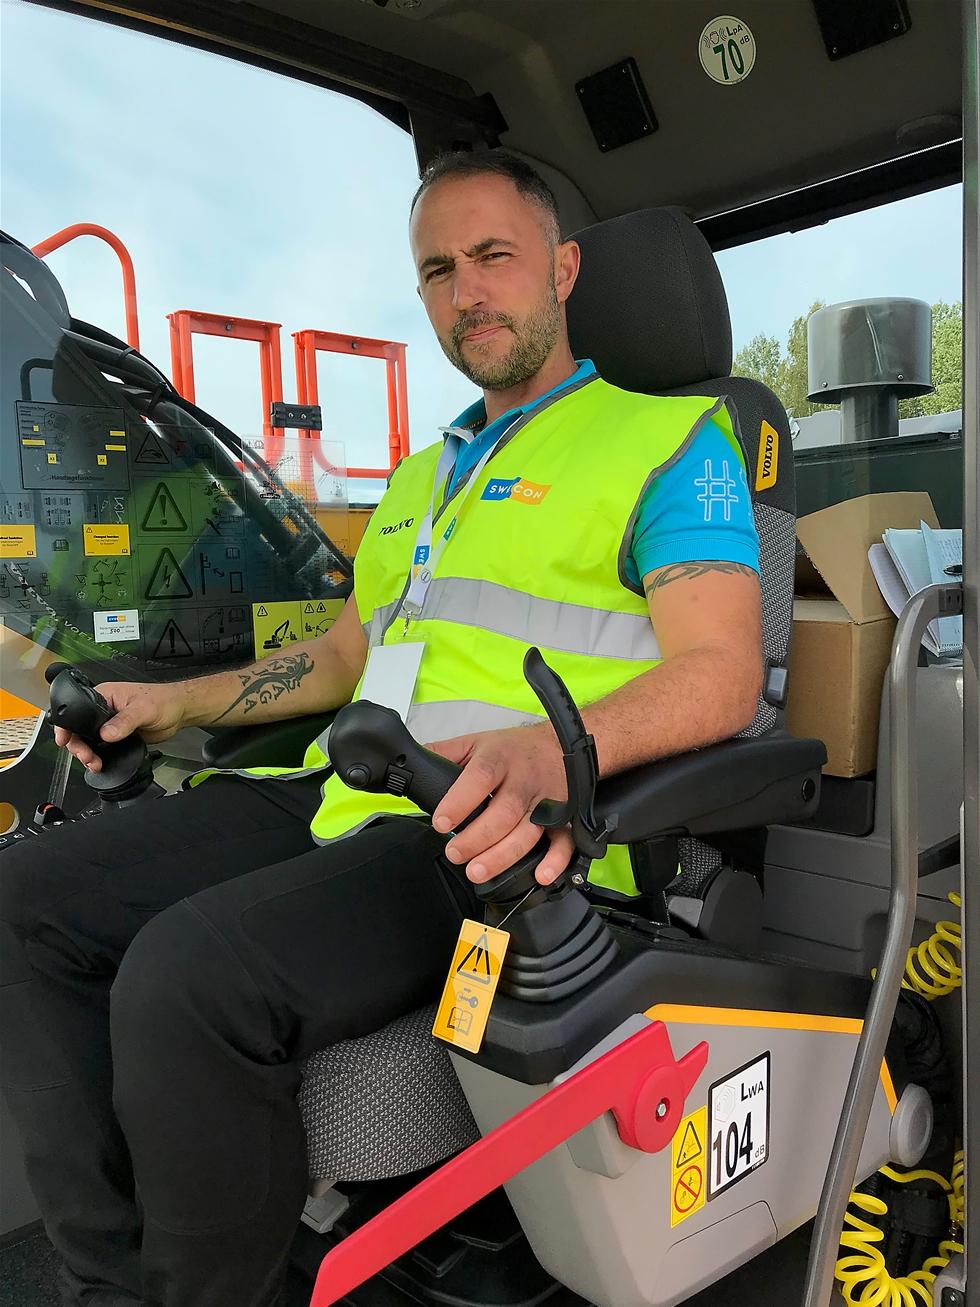 """Håkan  Andersson  gillar  sitt  nya  jobb  som  demoförare  hos  Swecon  skarp t.   """" Det  är  så   sjukt  kul  att  få  hantera  så  fina  maskiner """" ,  tycker  han  från  sätet  i  en  EC300EL."""